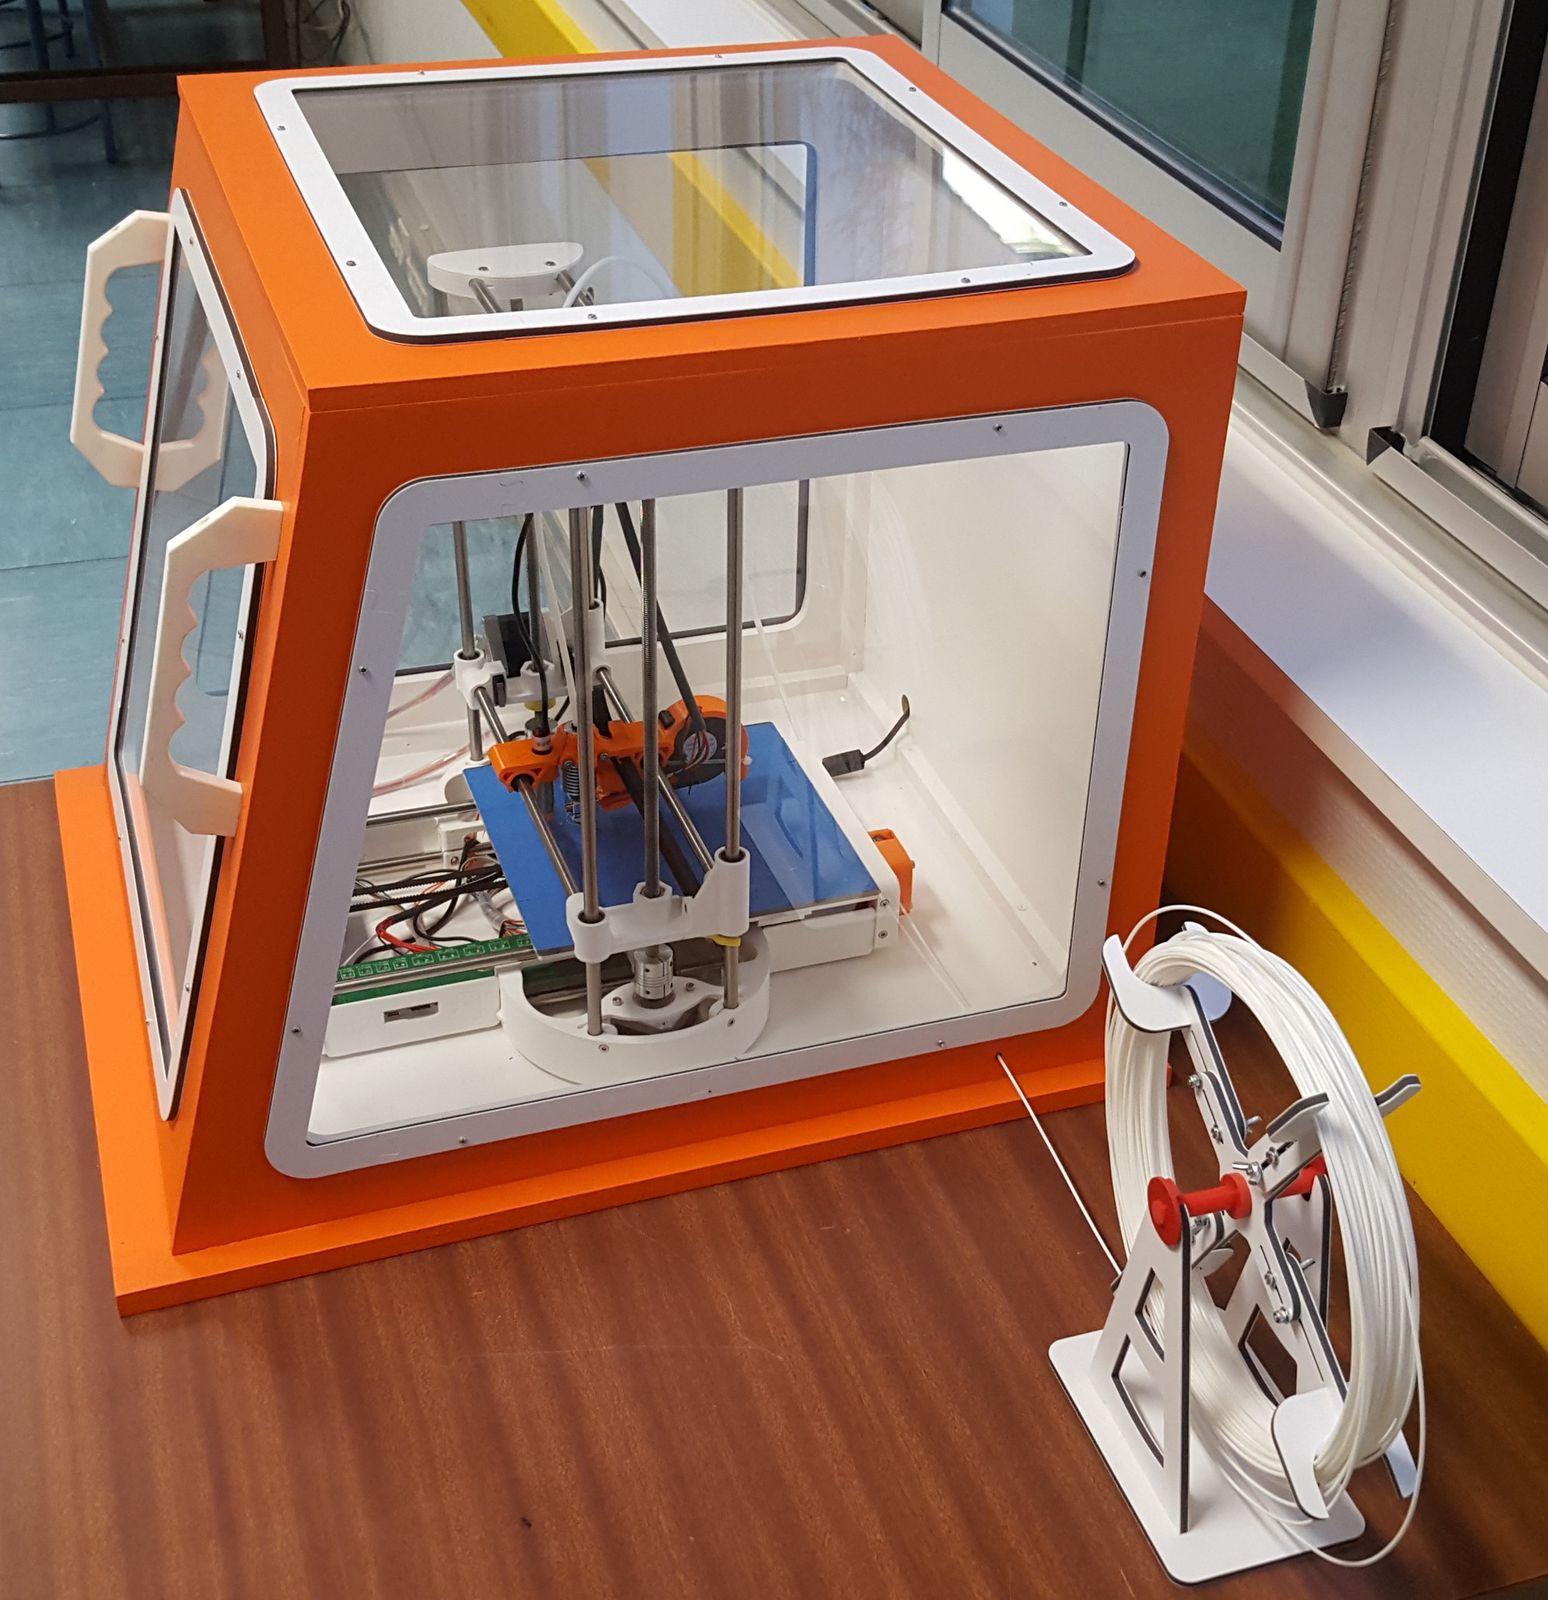 dagobox boitier de protection dagoma forum pour les imprimantes 3d et l 39 impression 3d. Black Bedroom Furniture Sets. Home Design Ideas